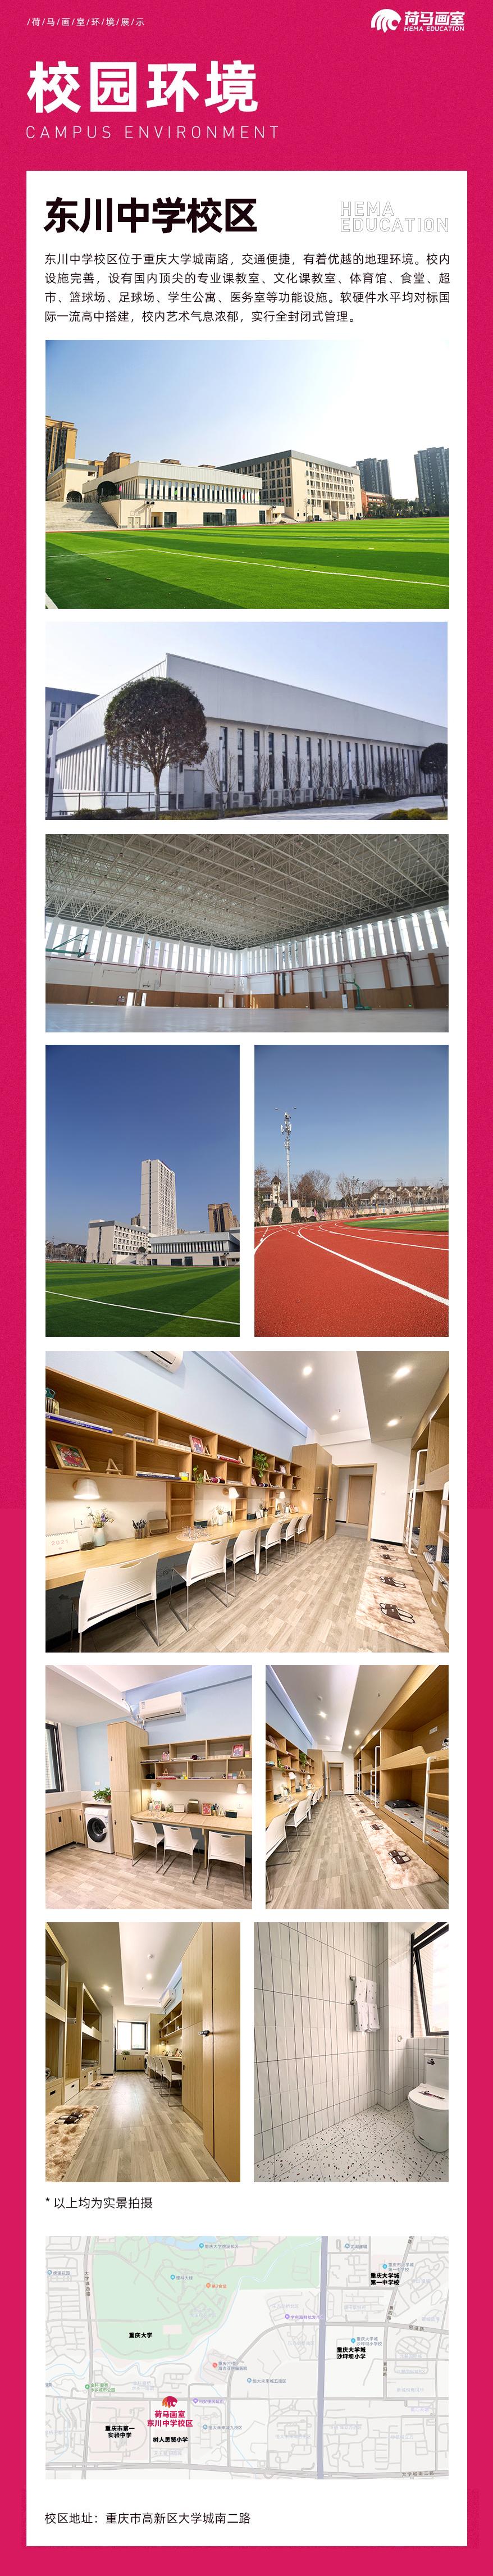 集訓畫室,重慶十大畫室排名,重慶最好的畫室